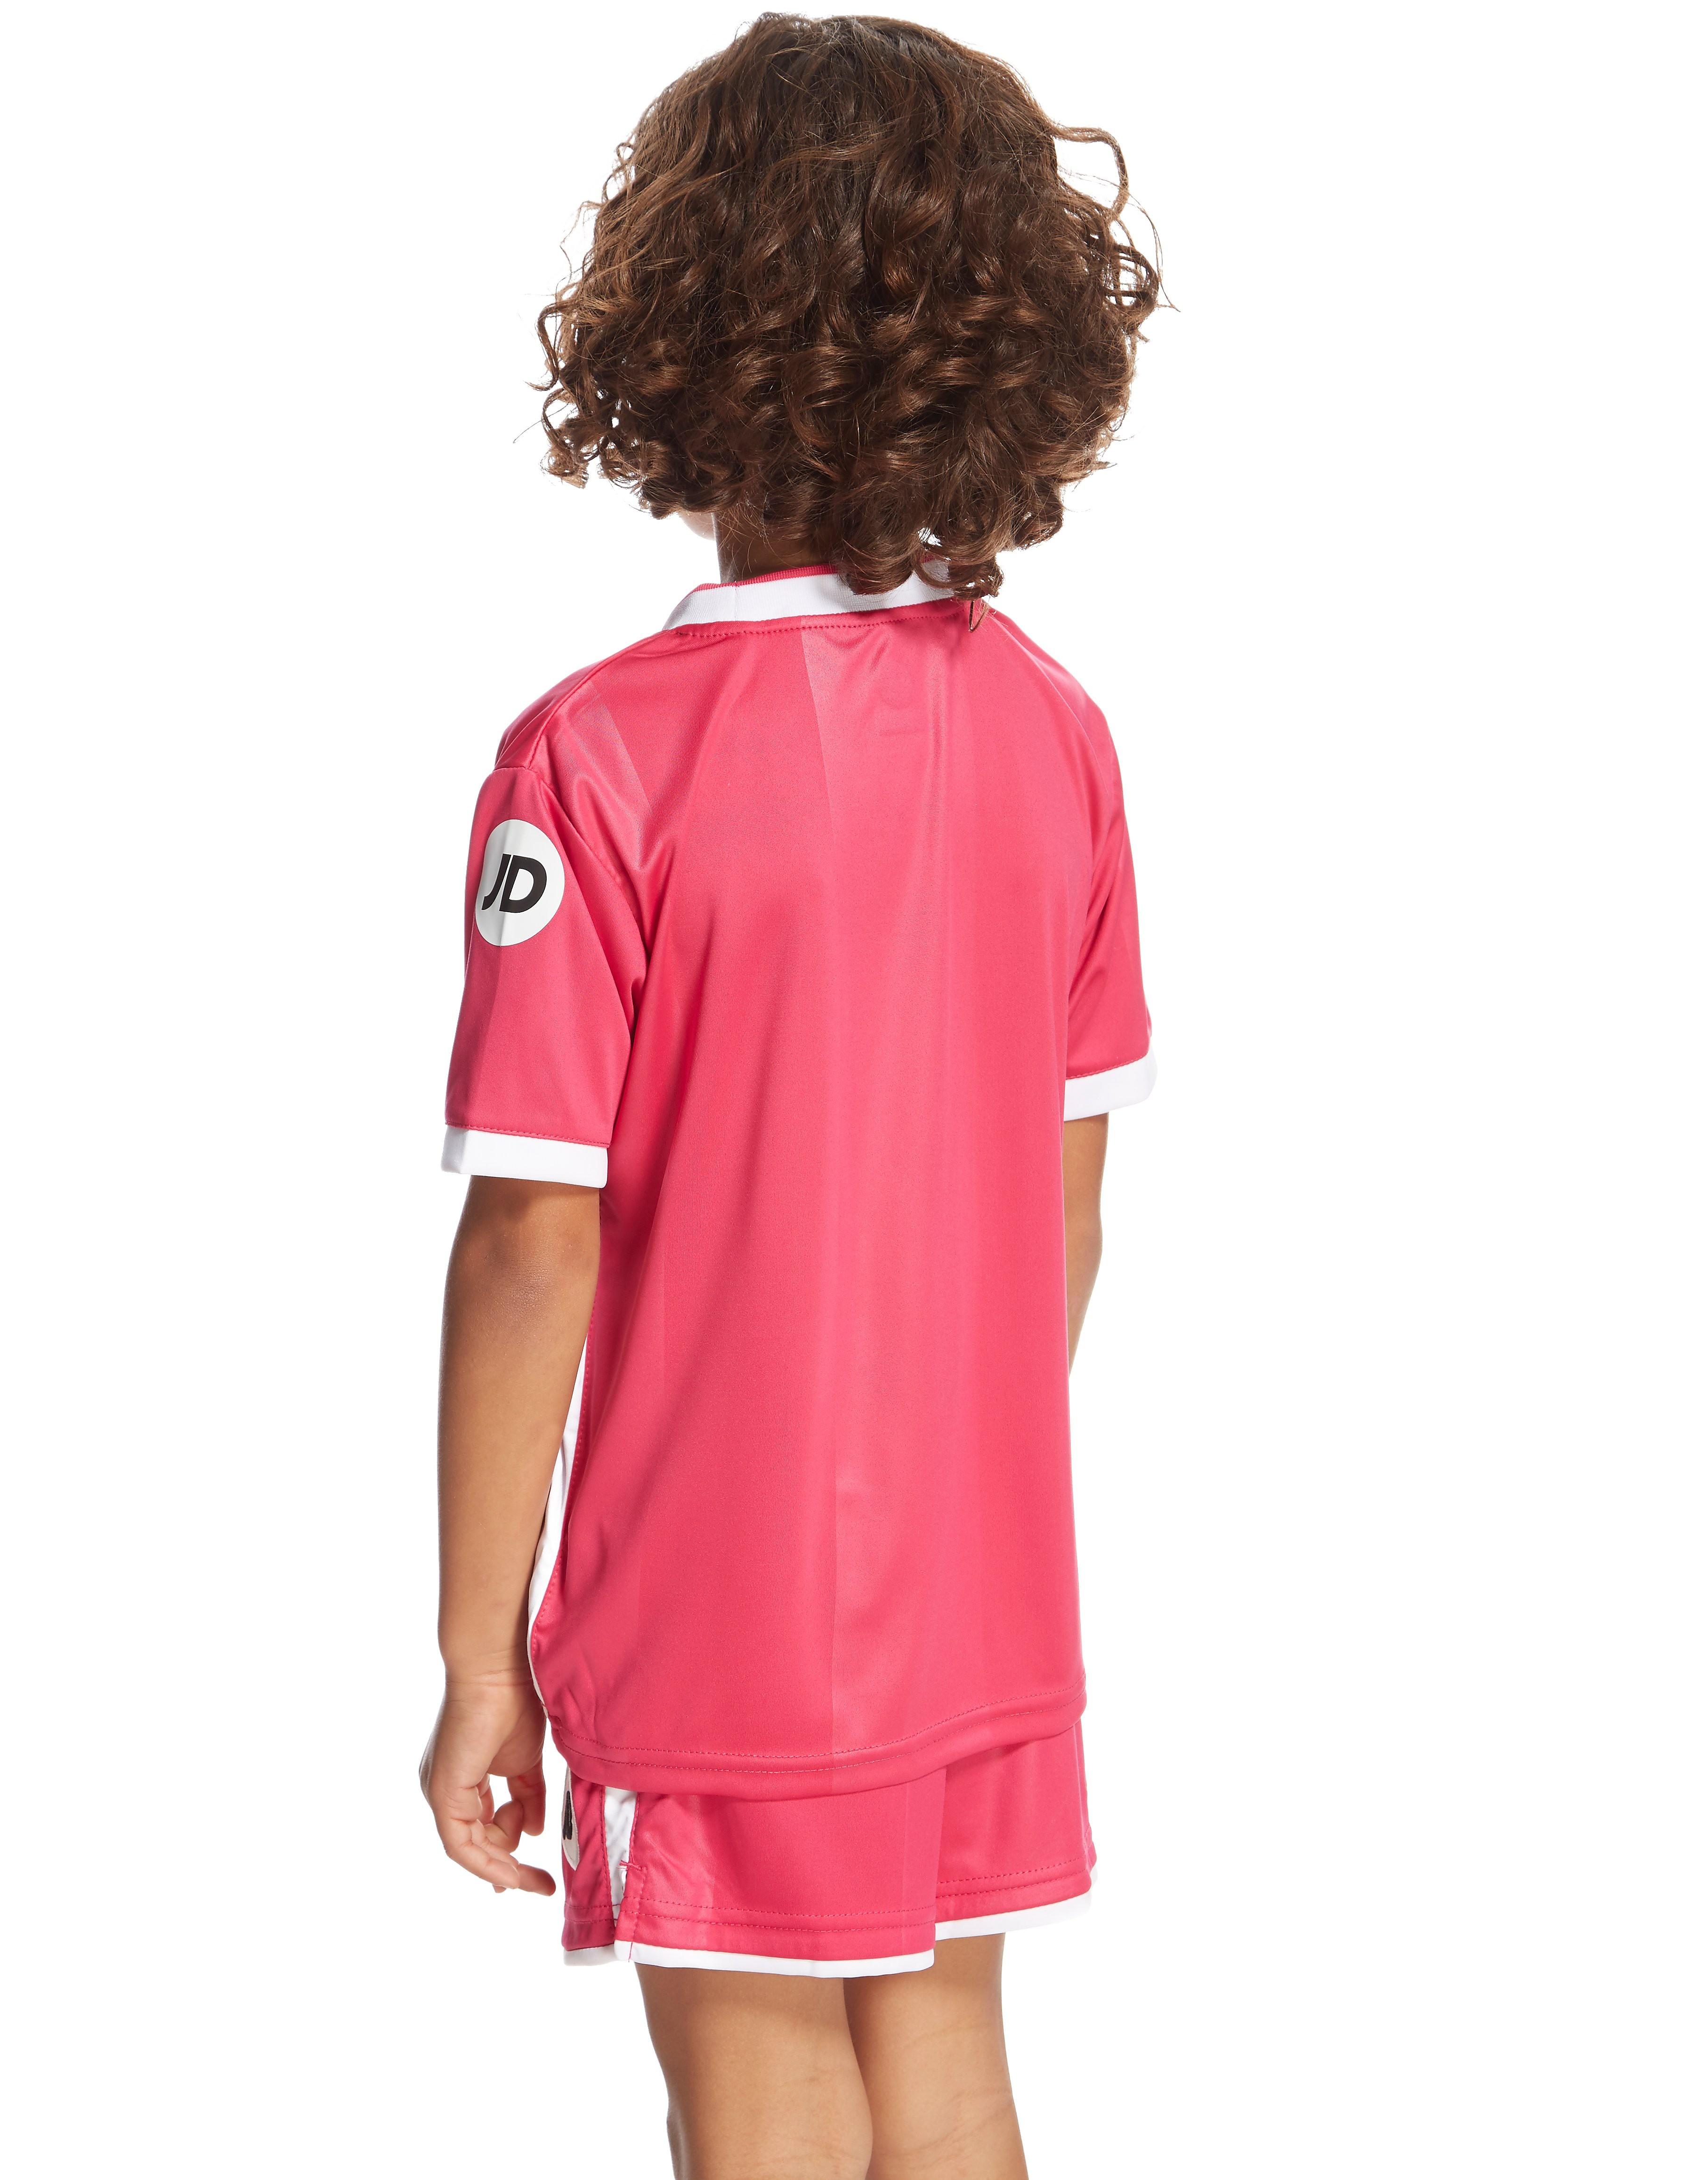 JD AFC Bournemouth Third 2015/16 Kit Children